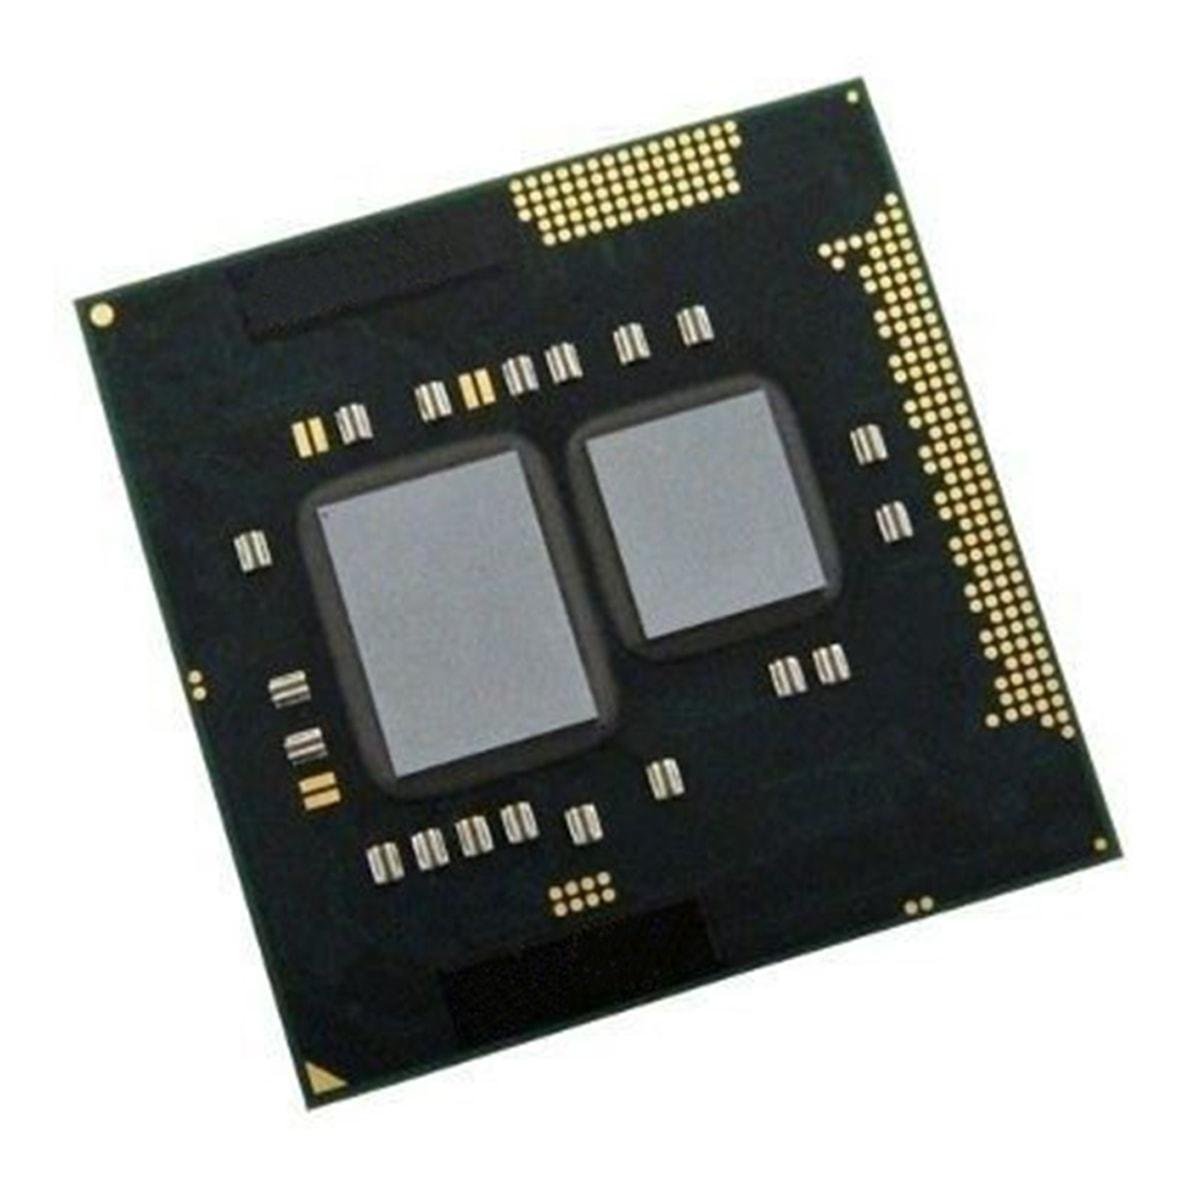 Processador Notebook Intel i3-3110M 3M Cache / 2.40 GHZ / 5 GT/s DMI - Seminovo